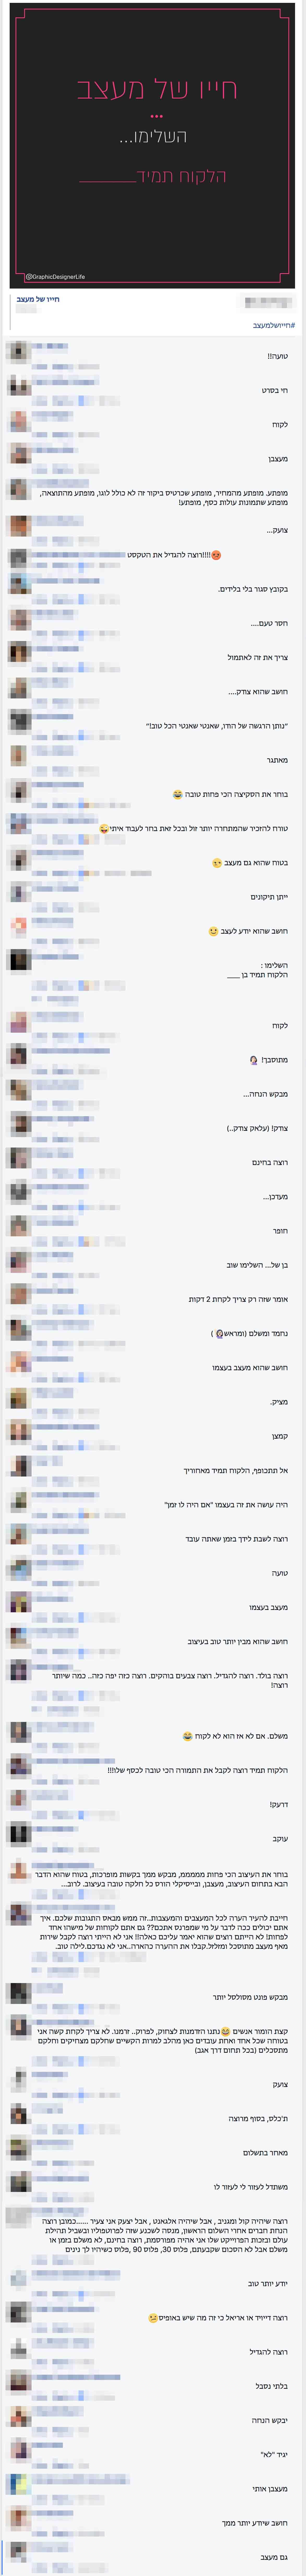 תגובות מפייסבוק על לקוחות פרילנסרים